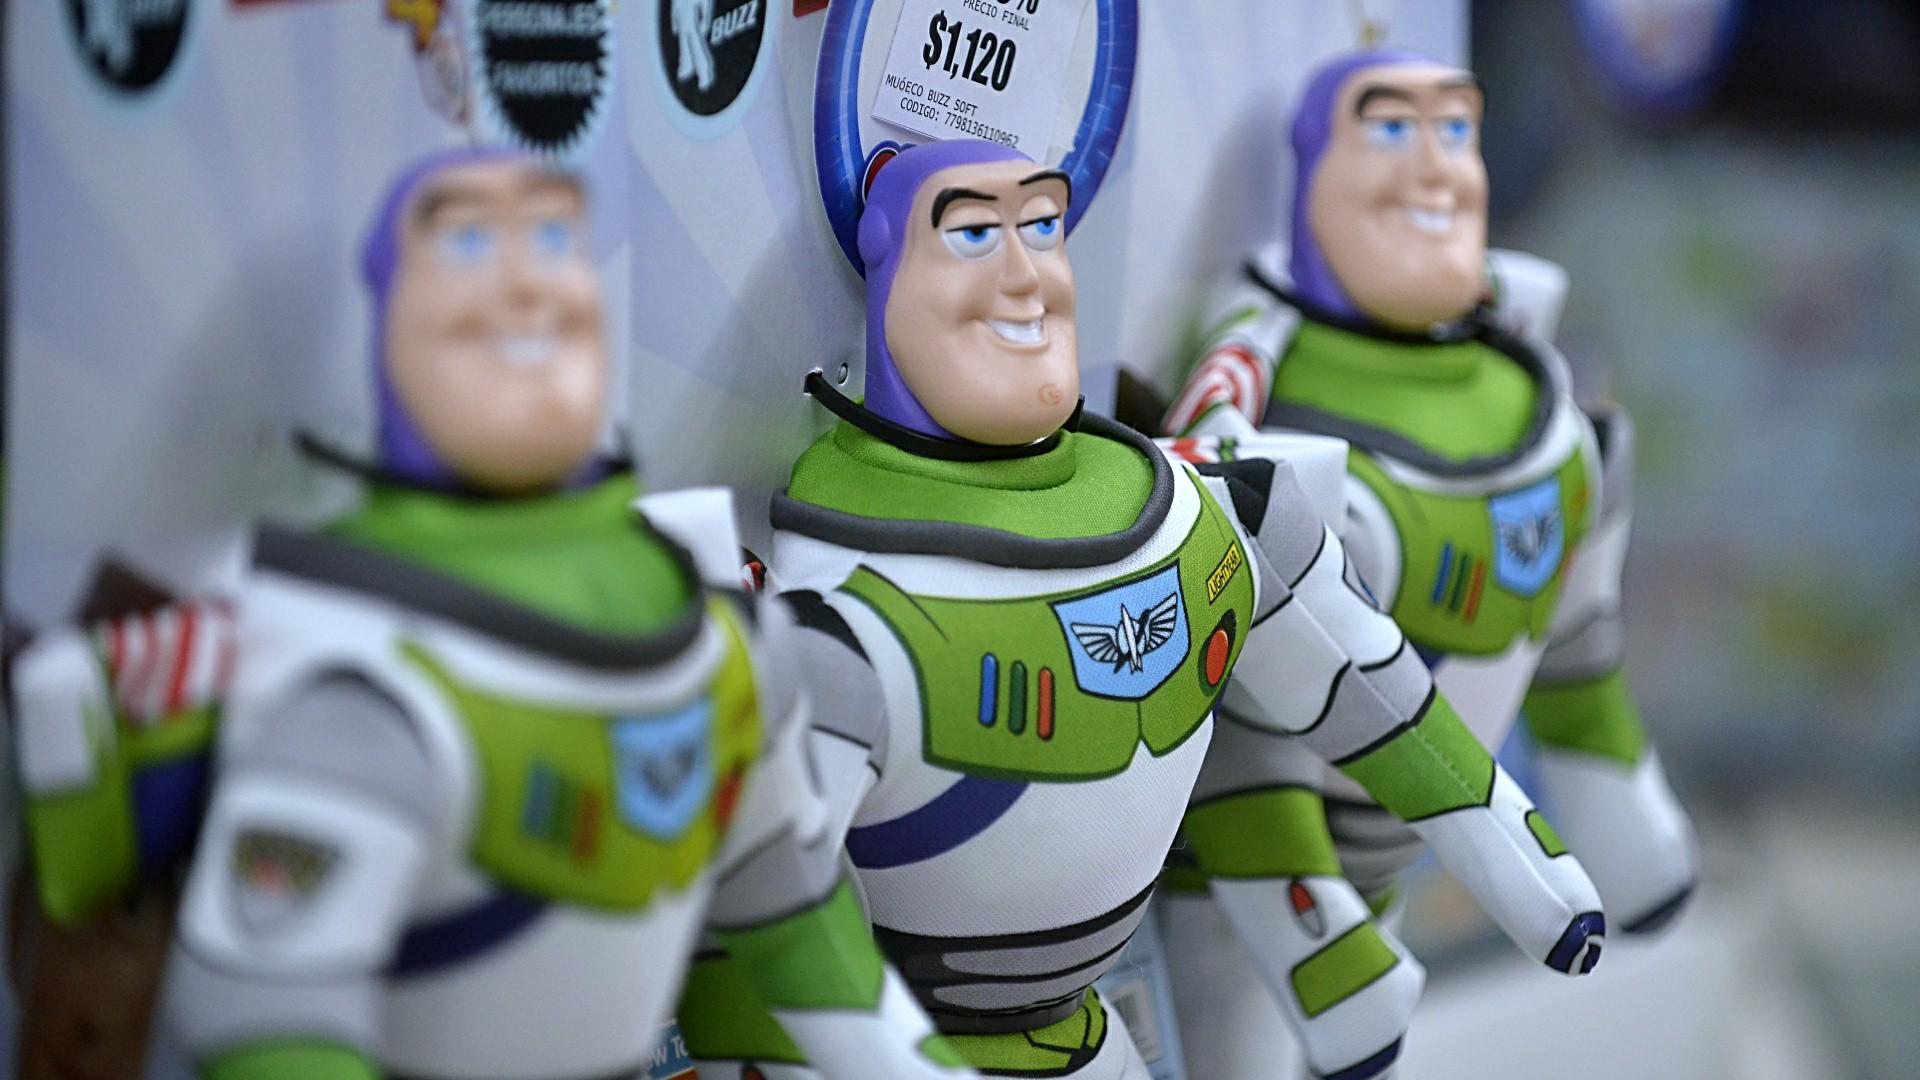 Buzz Lightyear, guardían del espacio que junto a Woody y sus amigos marcaron la infancia de varias generaciones -la actual inclusive- a partir de la saga Toy Story, se pudo adquirir a precio promocional